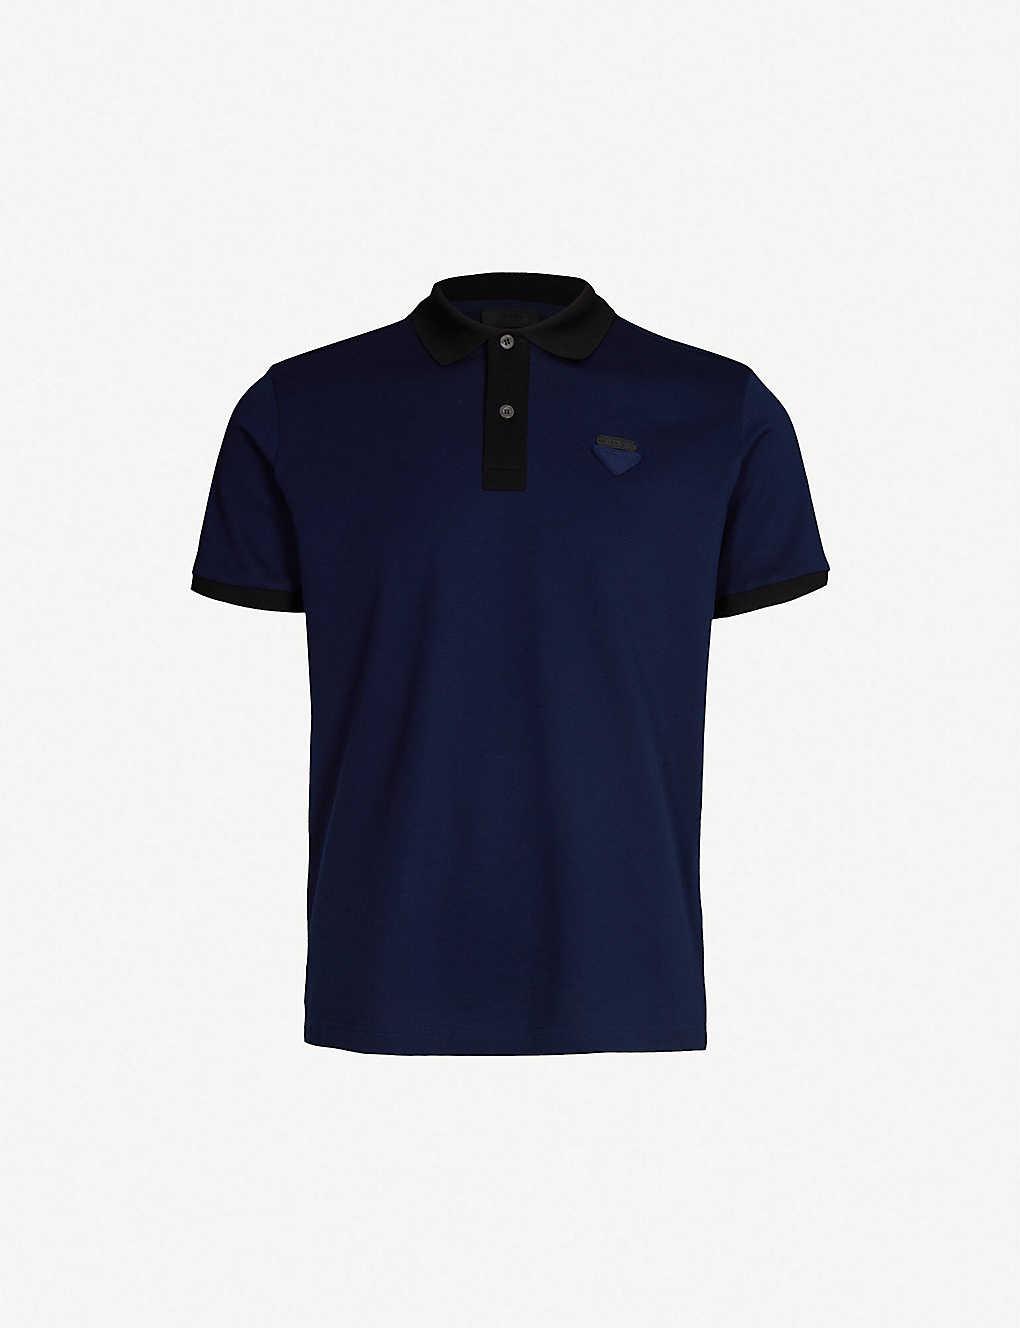 c5c1163ebc696b PRADA - Logo-appliqué cotton-piqué polo shirt   Selfridges.com